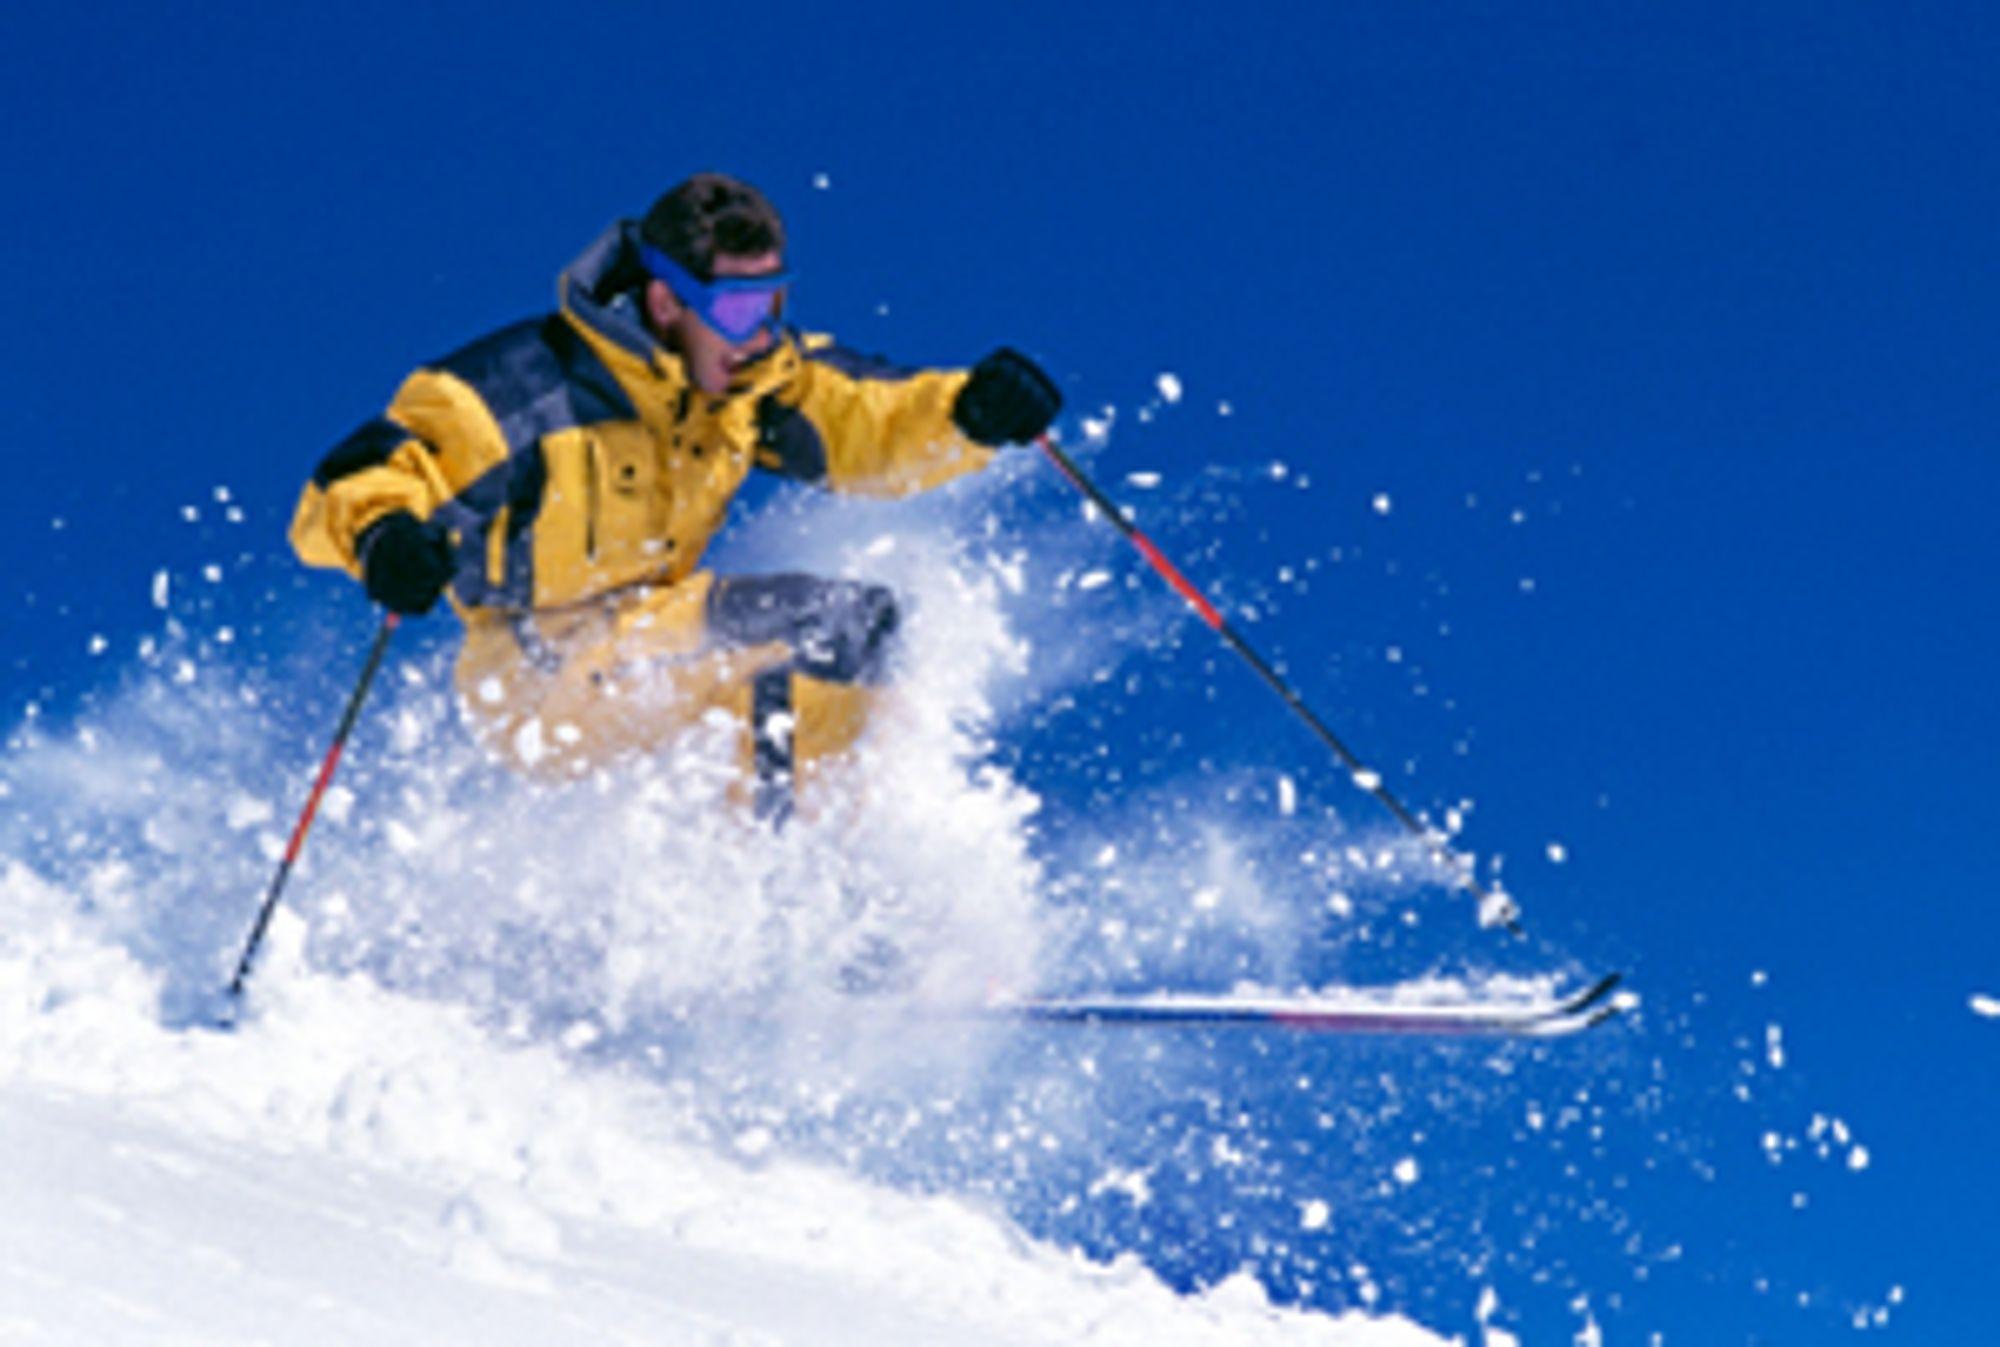 © Ben Blankenburg<br> Vintersport kan gi flotte motiver. Her er det viktig å bruke kort lukkertid for å fryse bevegelsen.